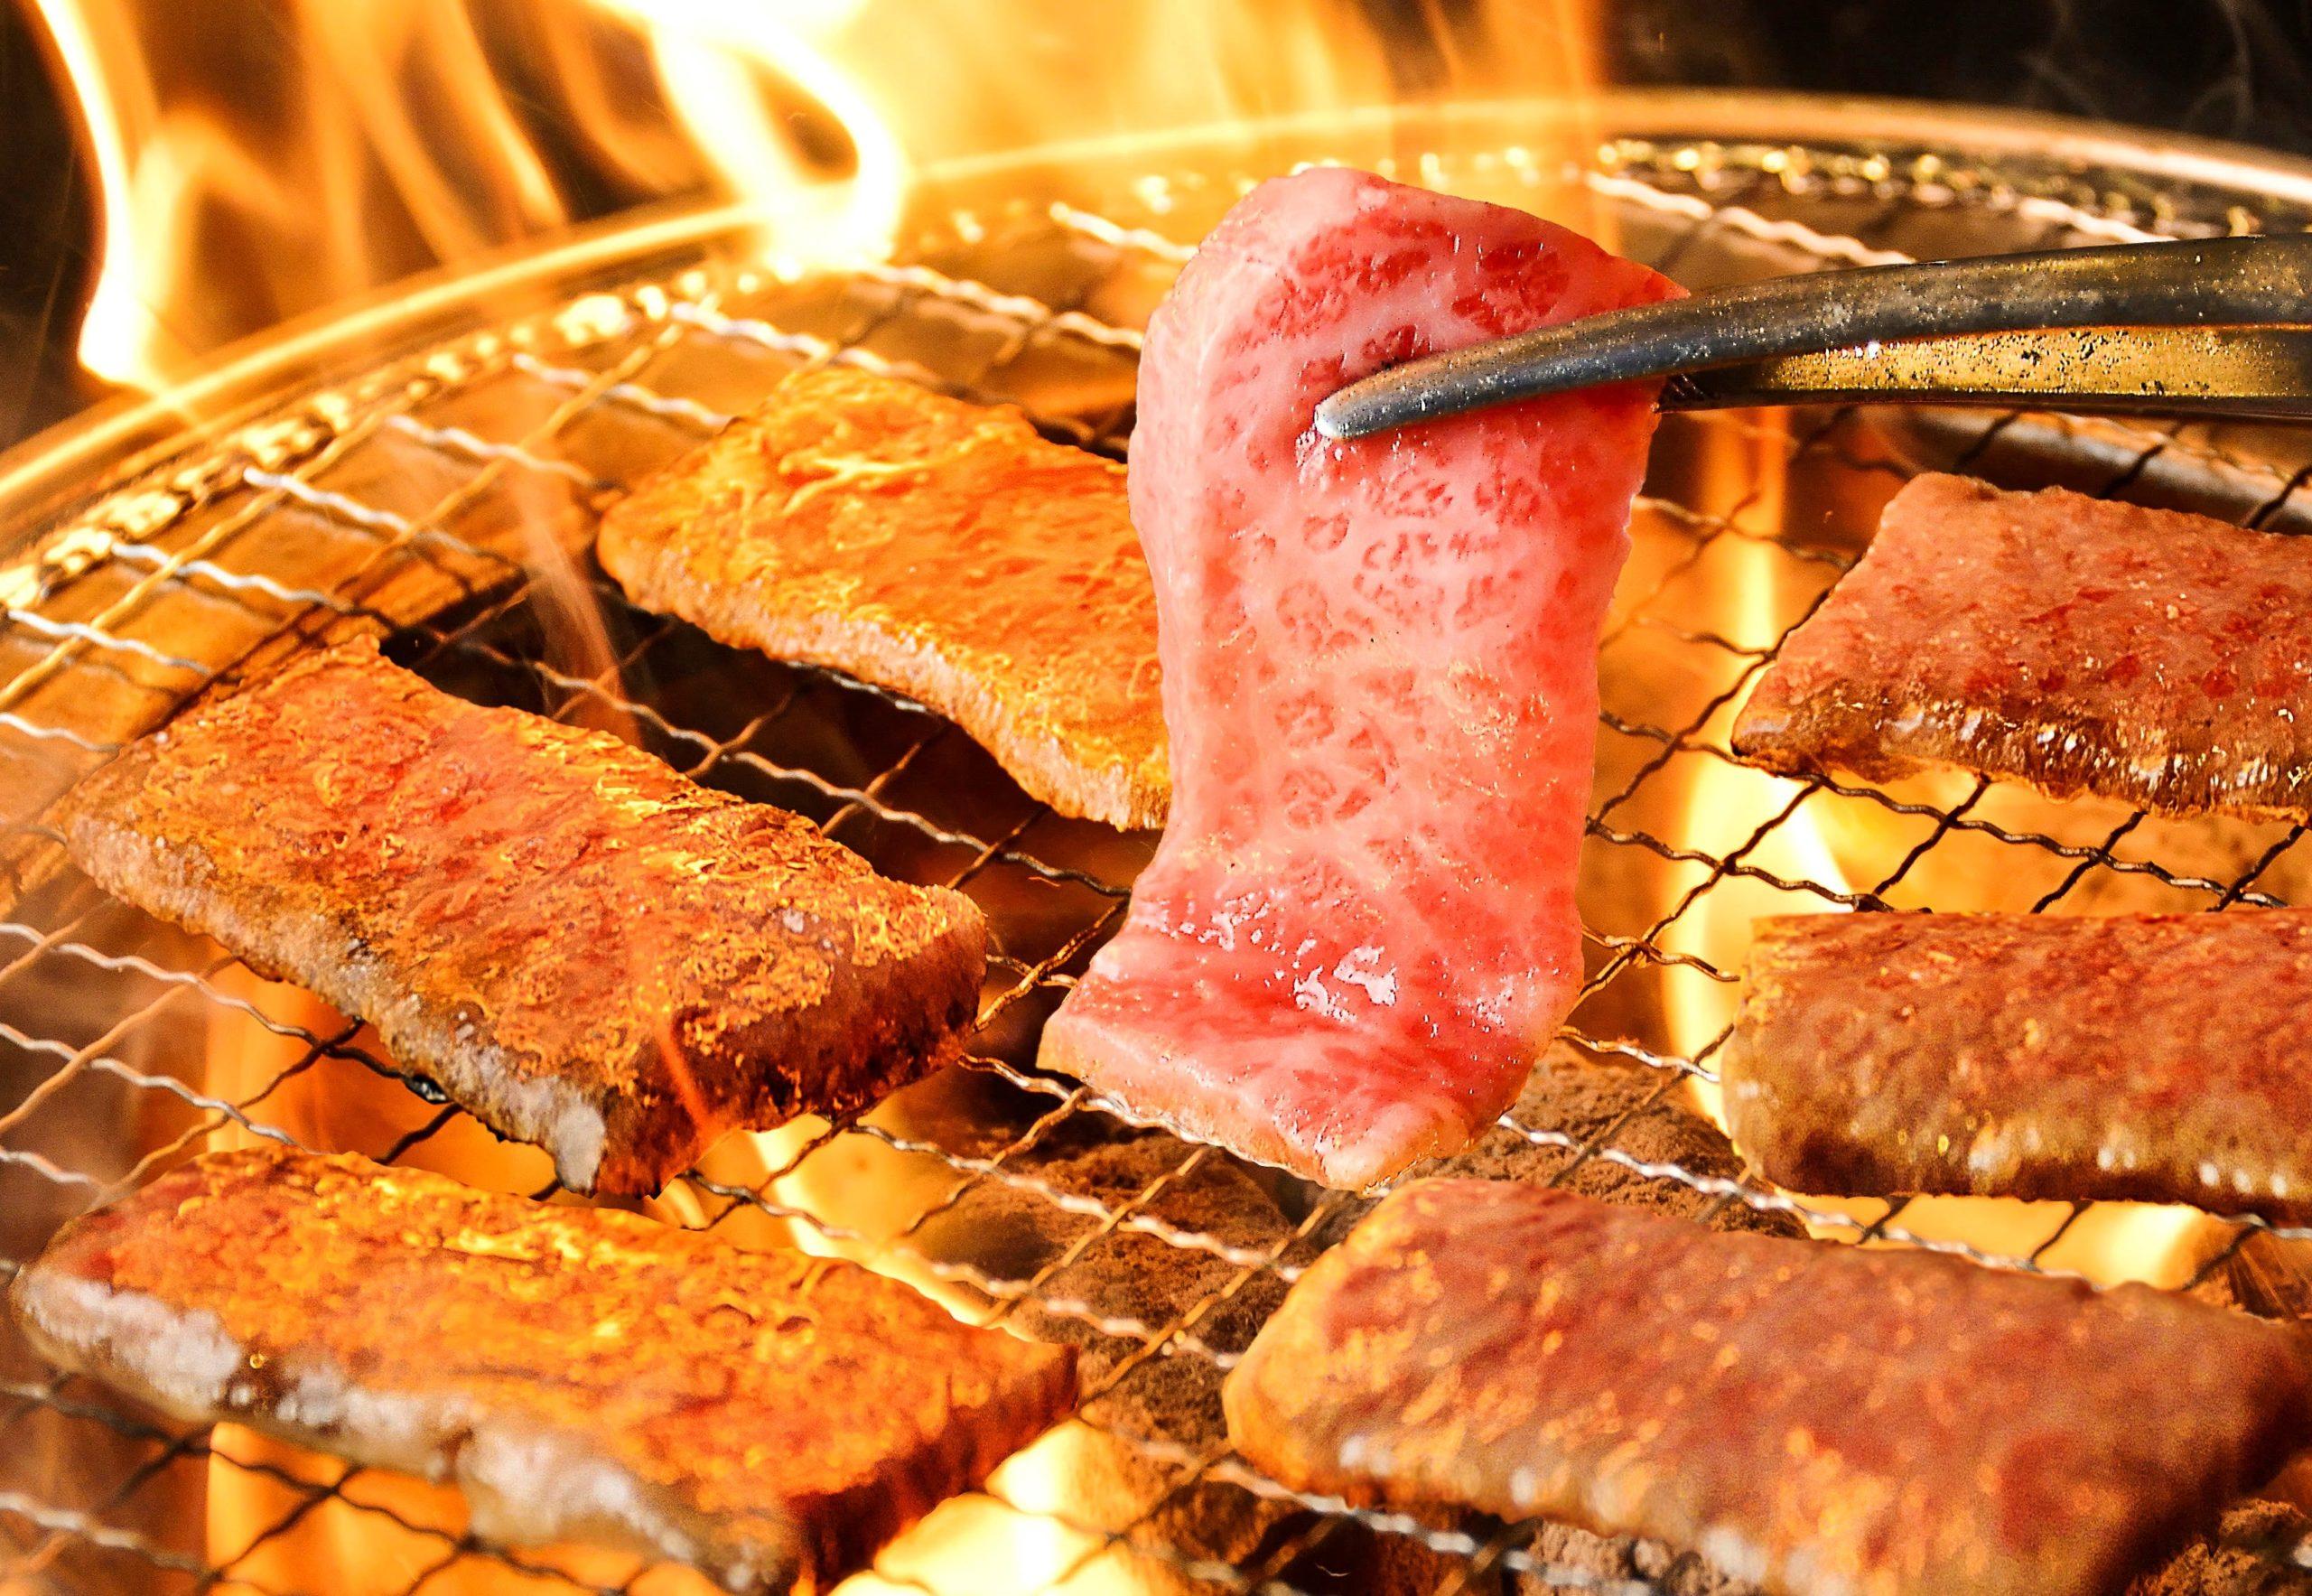 【「さきめし/ごちめし」人気店を紹介!】大分の人気焼肉店「ビーフブラザーズ」で味わう極上の銘柄肉